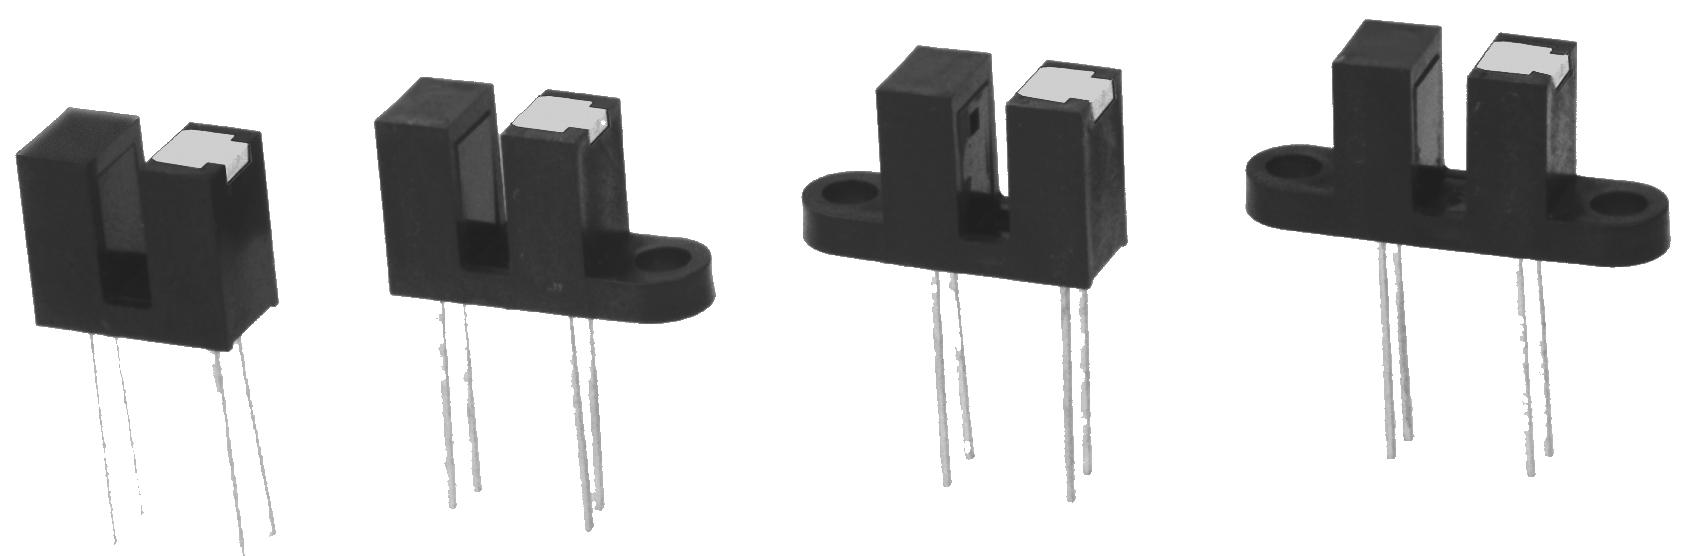 OPB859 by TT Electronics/Optek Technology